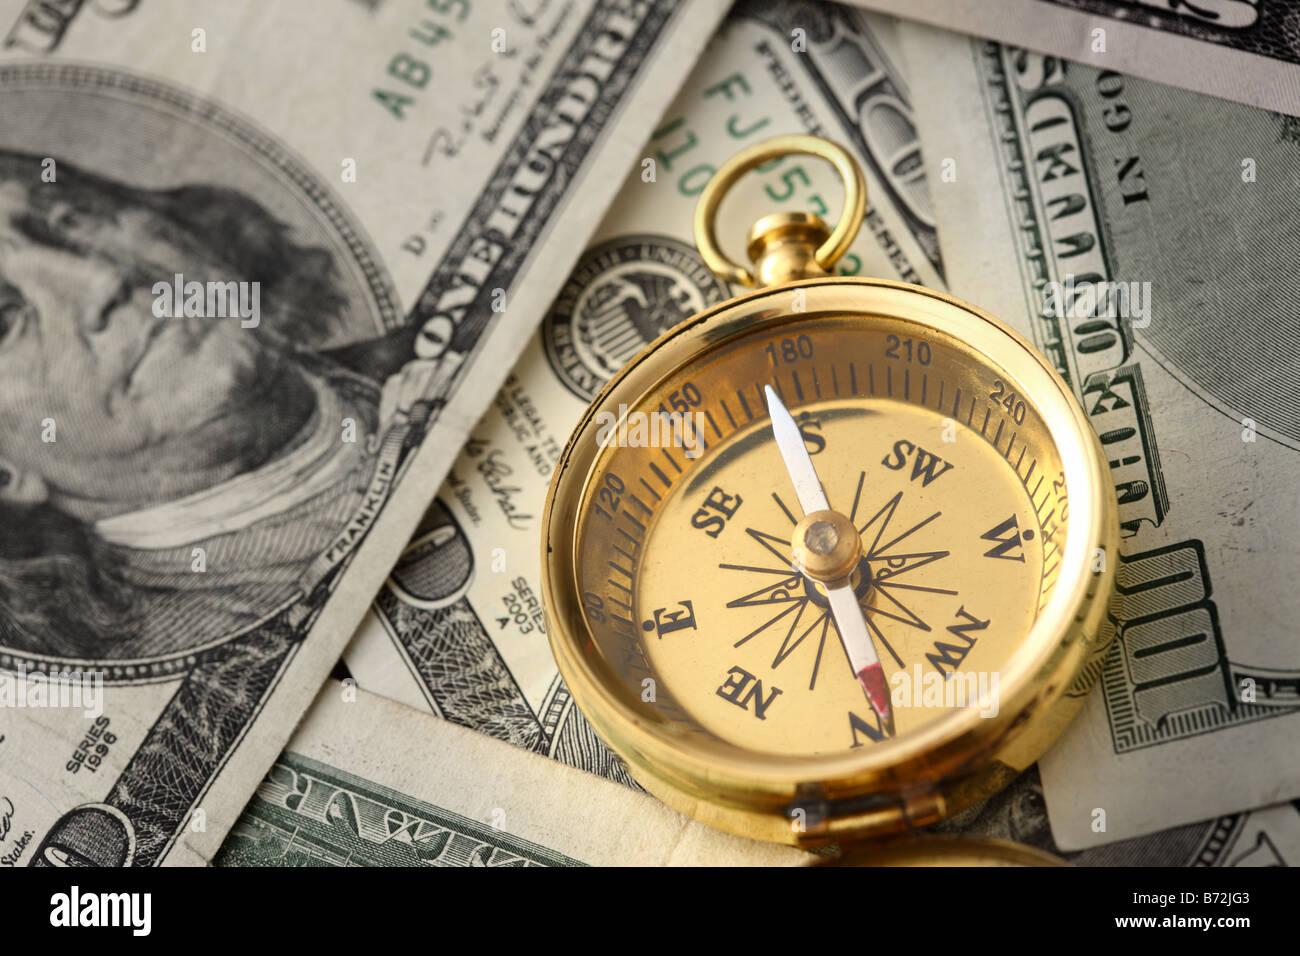 Compasso d'oro sul mucchio di soldi noi Immagini Stock